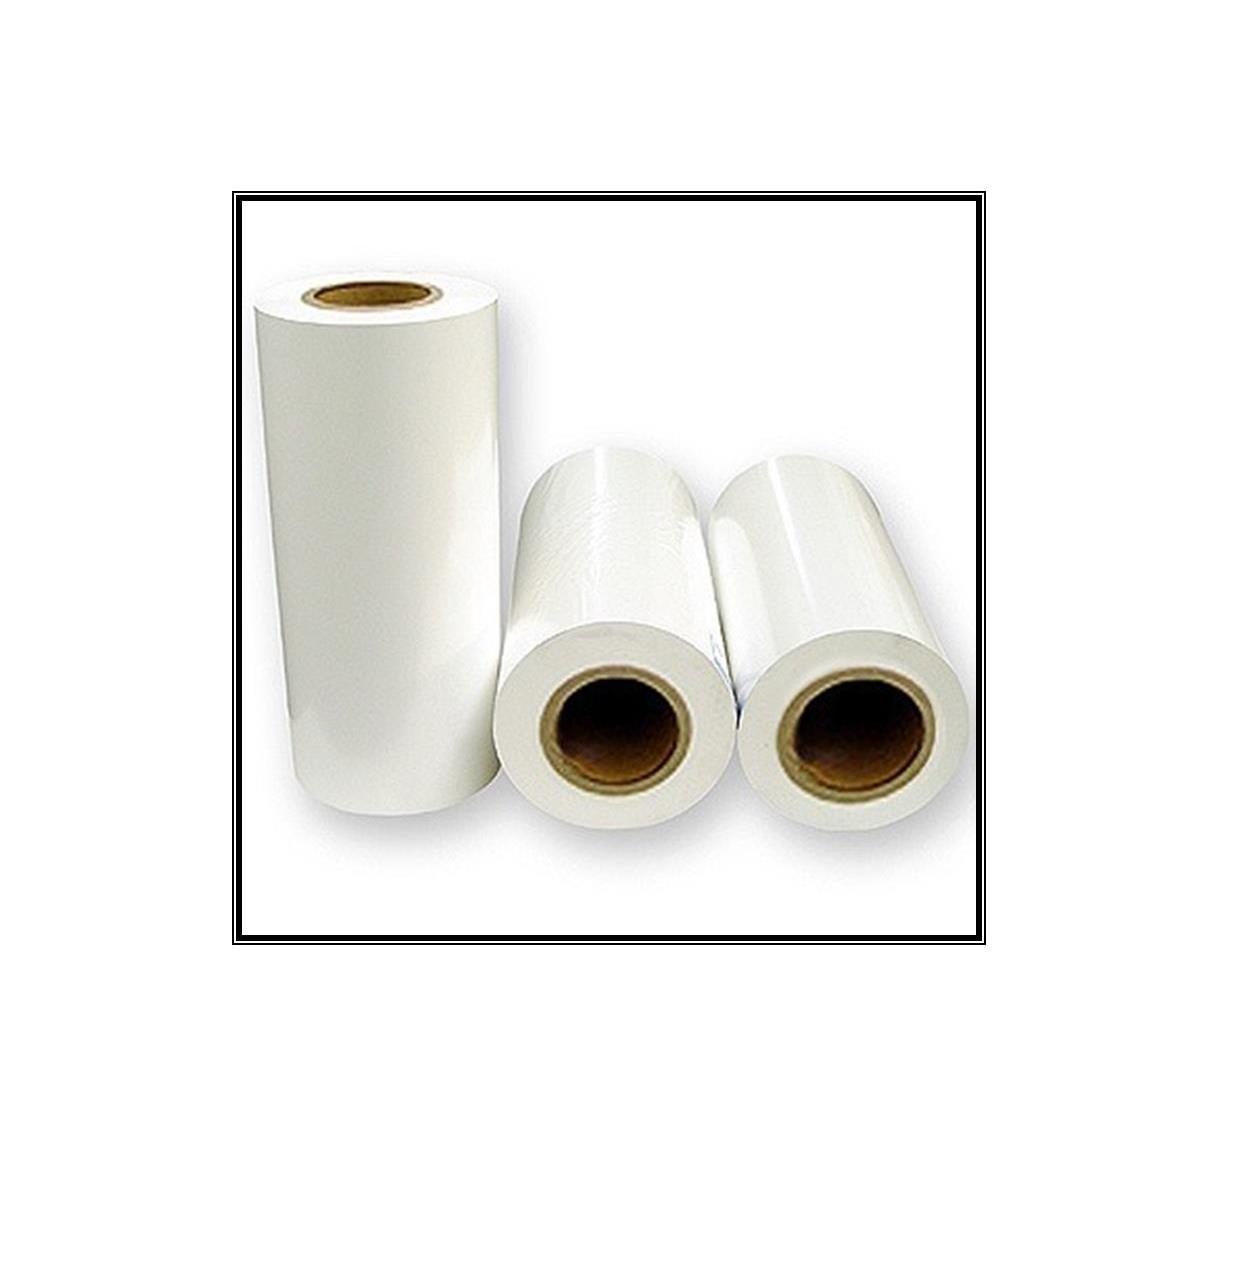 Rolo com 20 metros - Opalina 0,38 mm BRANCA ( 80 cm  largura)